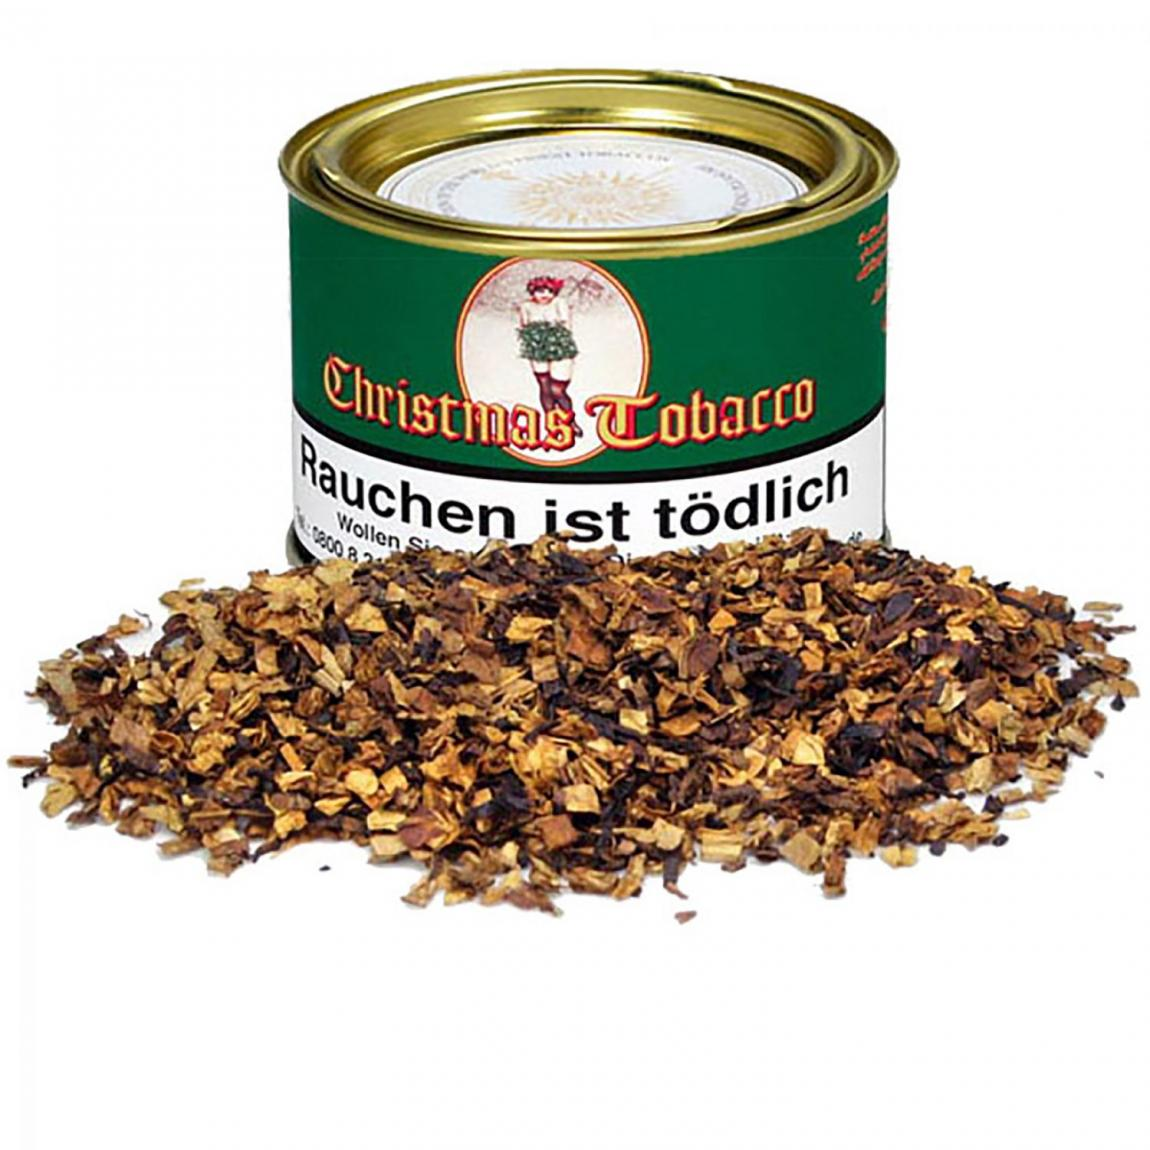 Weihnachts-Tabak 100g Dose